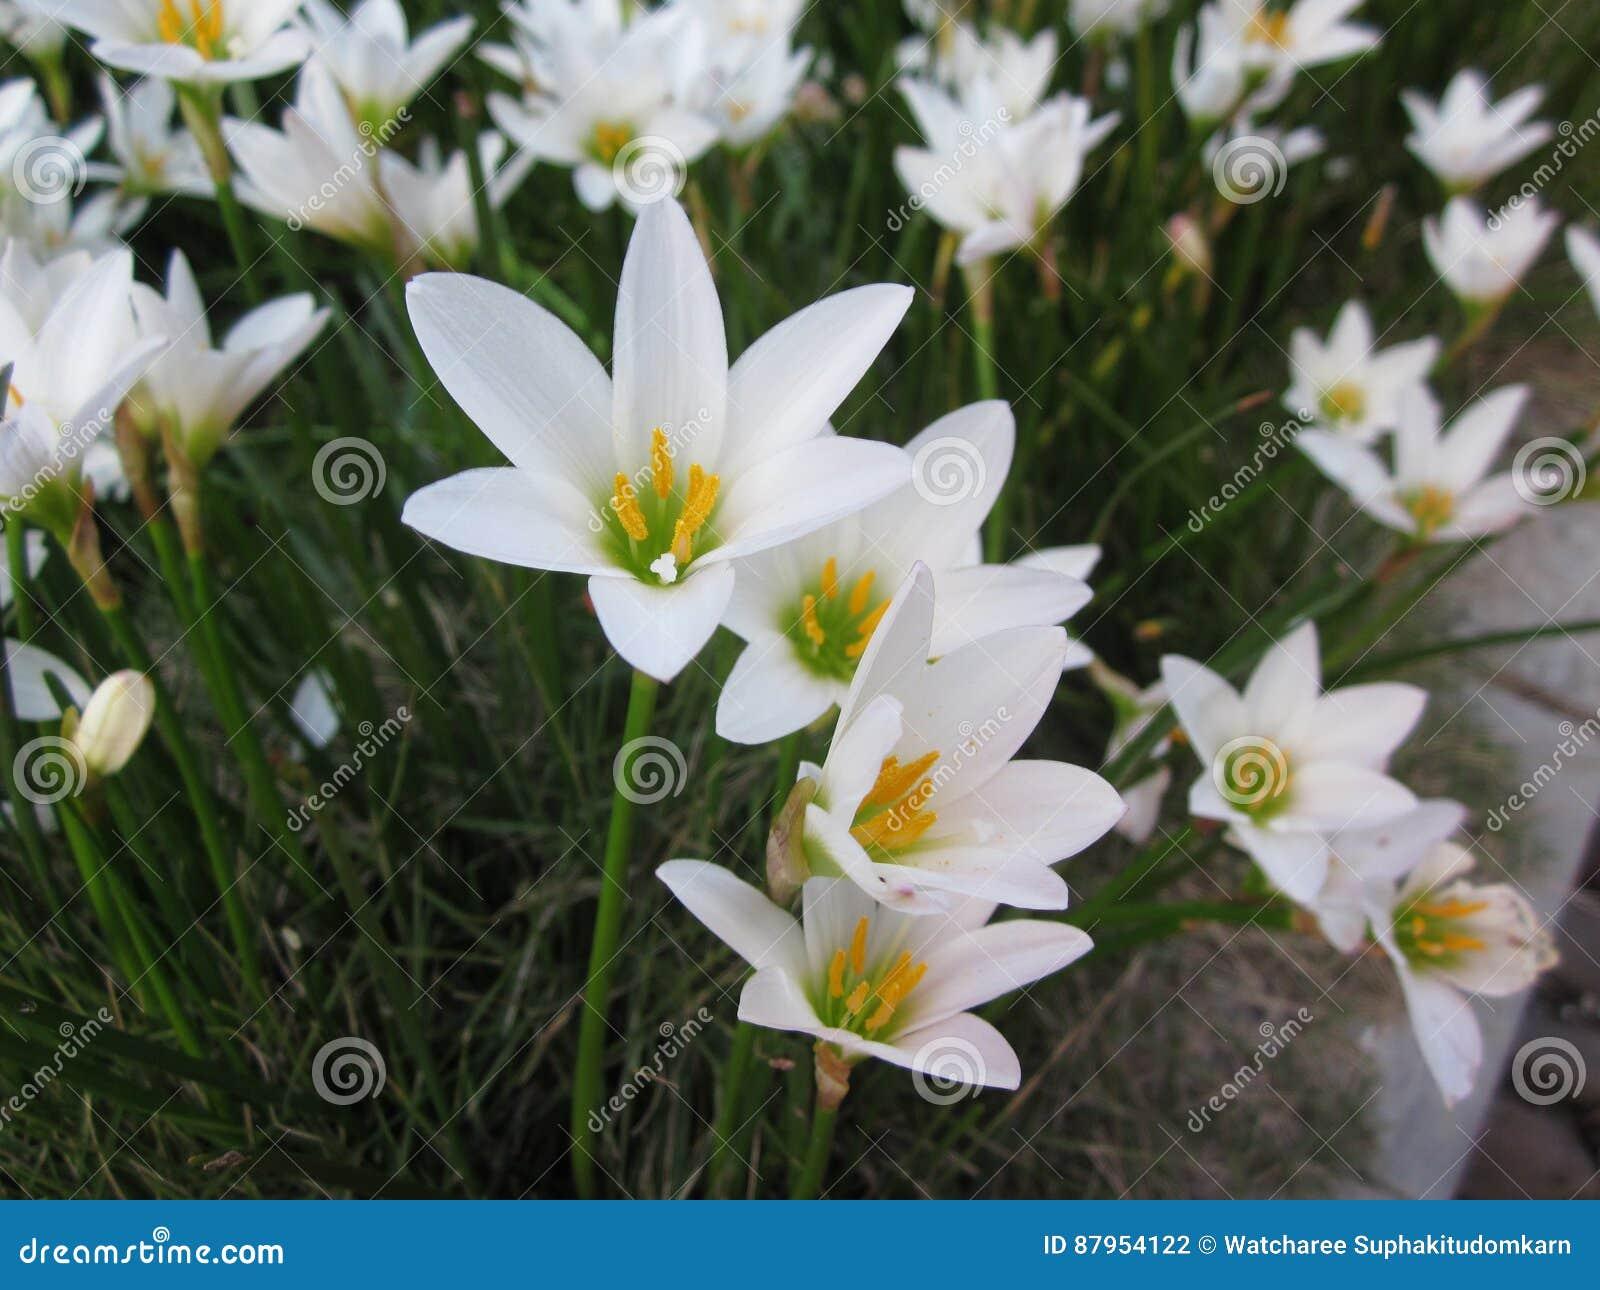 Biel podeszczowa leluja lub Zephyranthes candida kwiaty